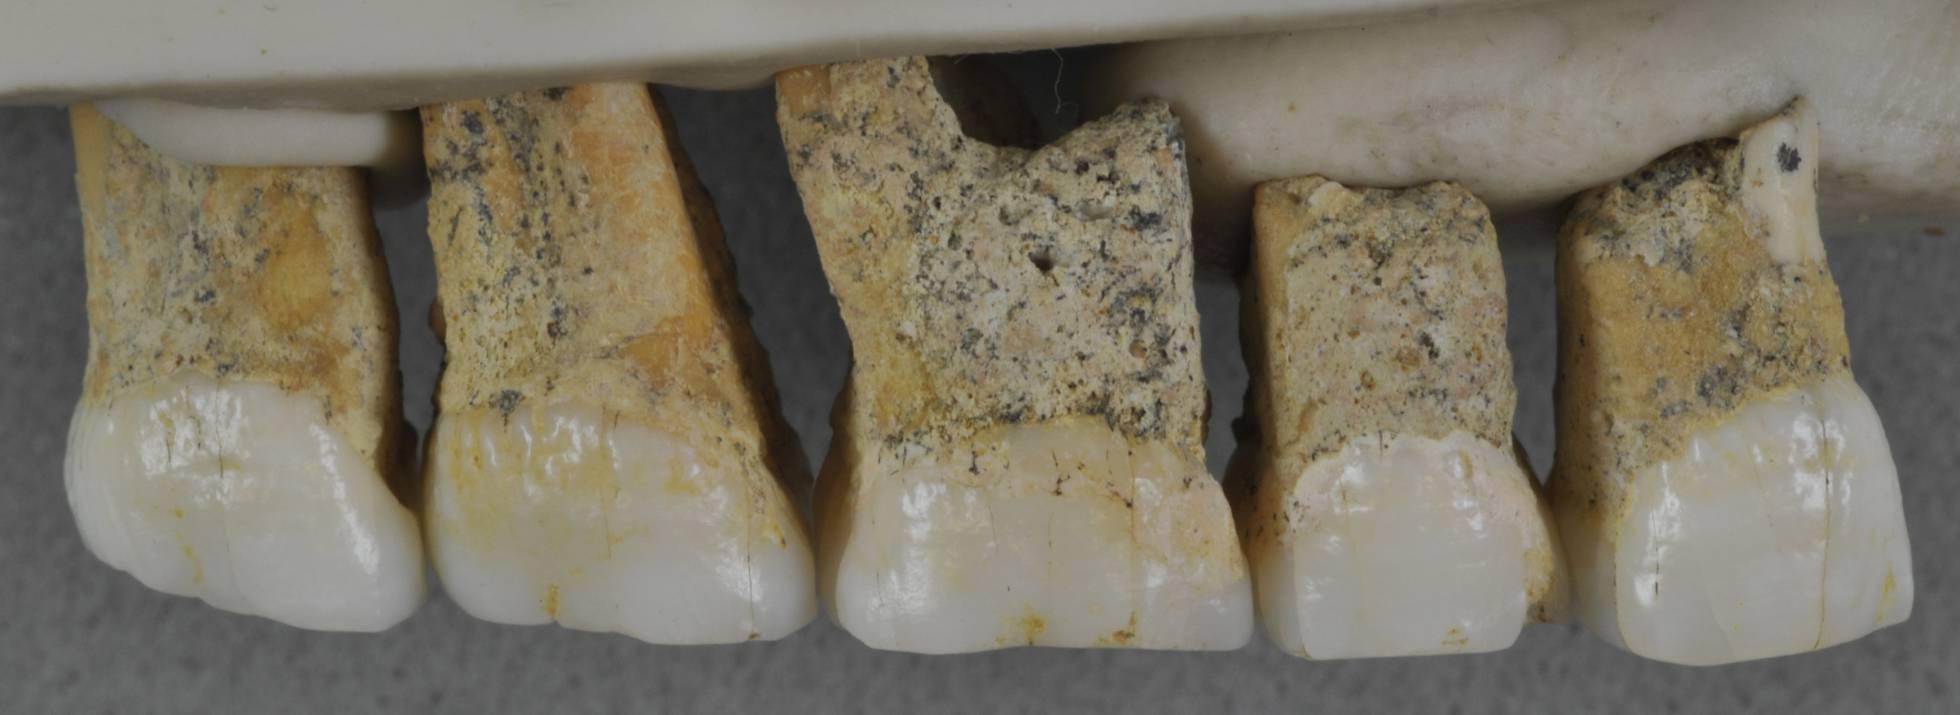 Hallados restos de una nueva especie humana en Filipinas 1554913422_860525_1554914041_sumario_normal_recorte1